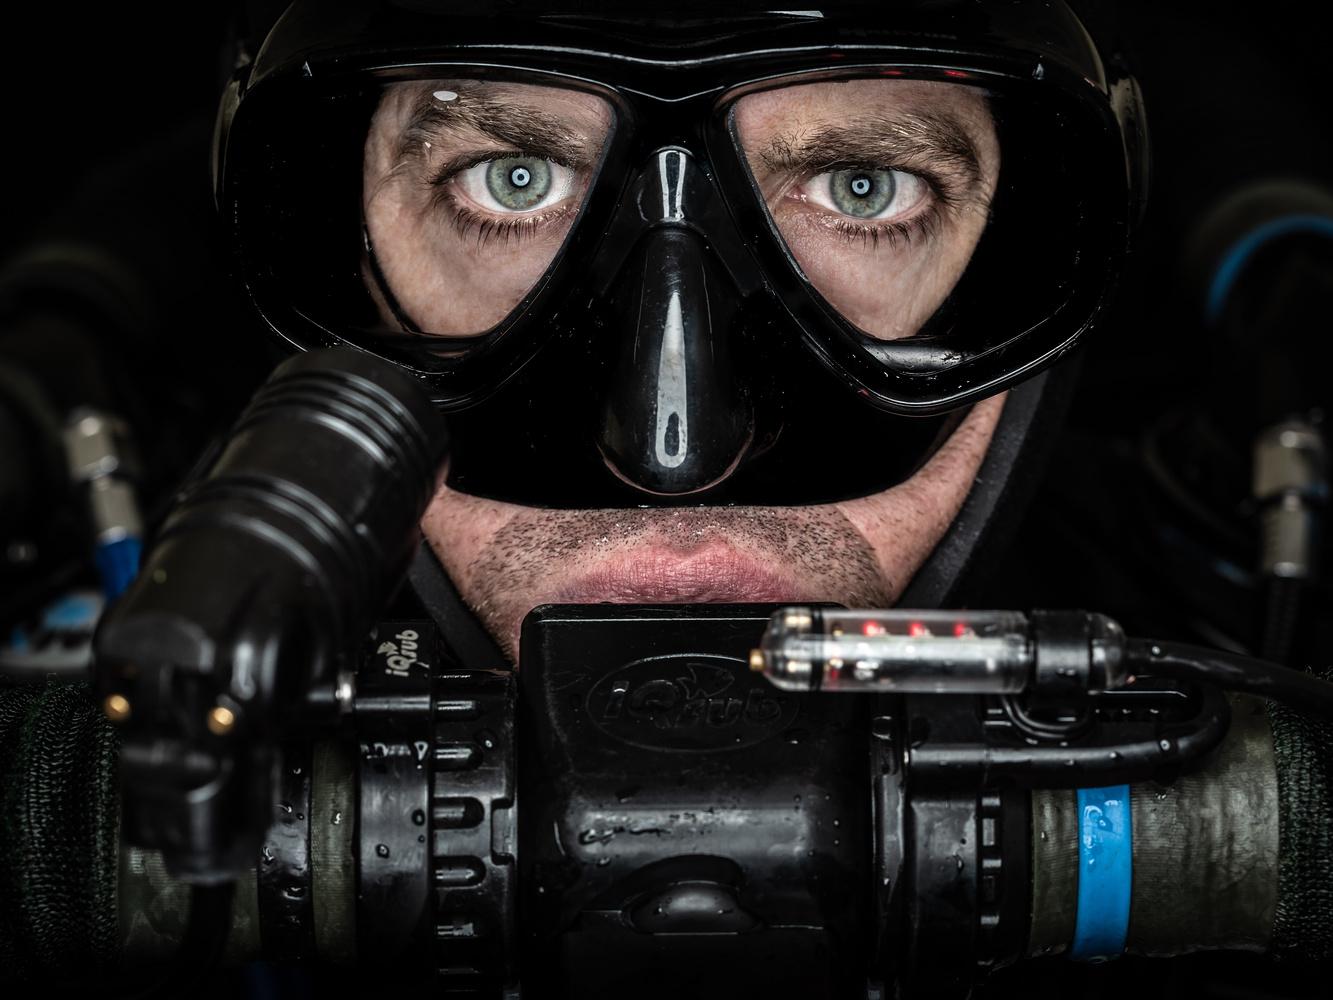 Faces od Divers - Maciej Bulkowski by Tomasz Kowalski